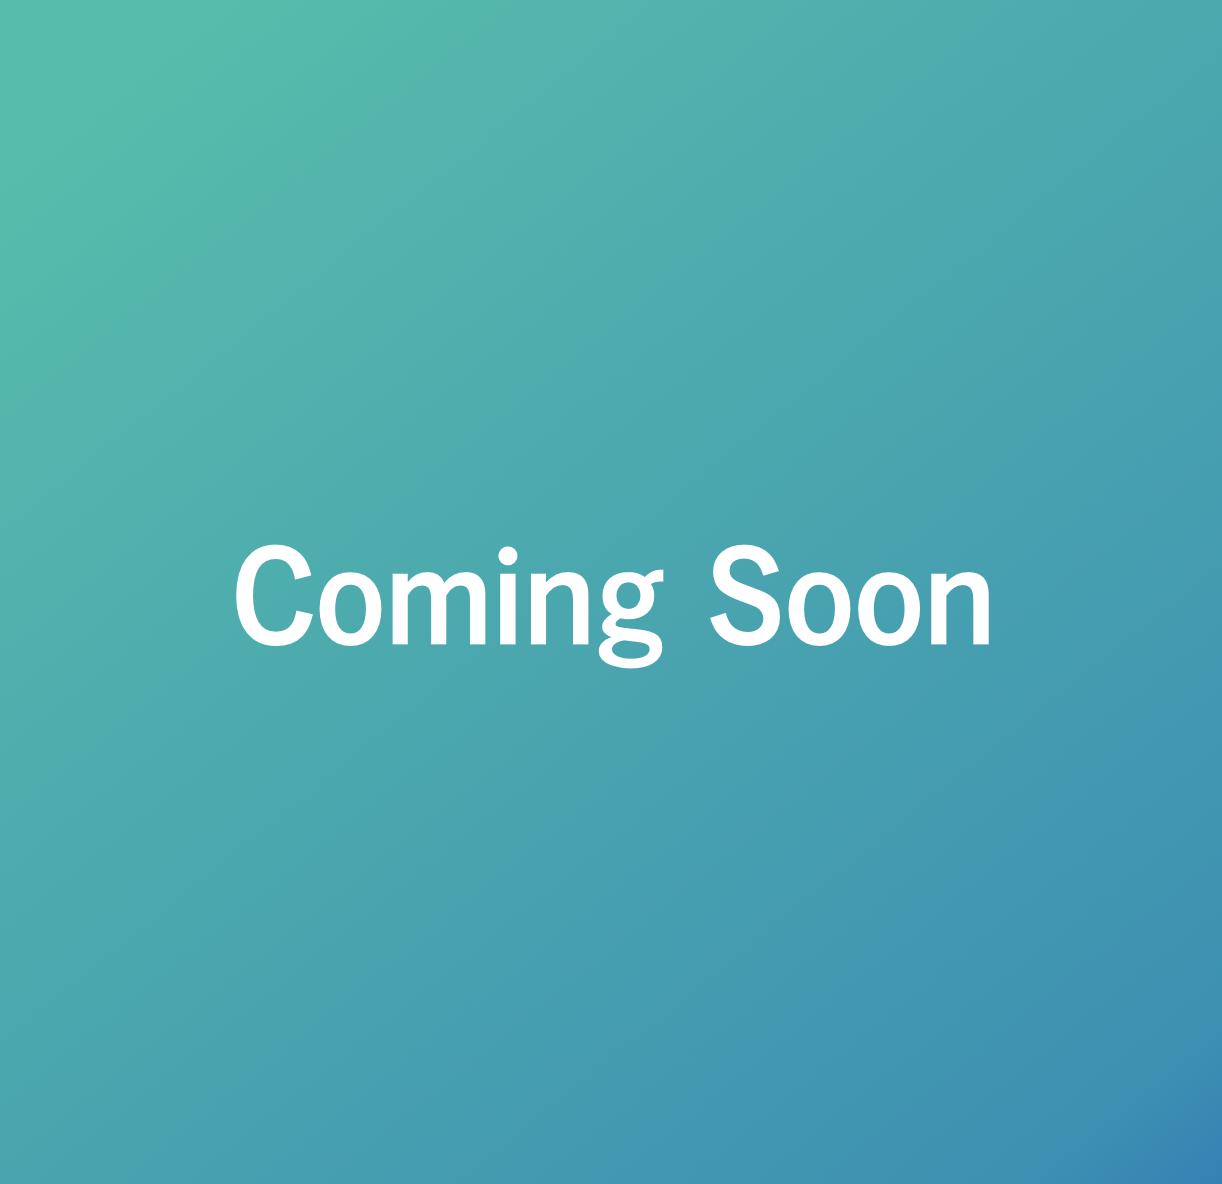 スクリーンショット 2019-09-19 11.59.55